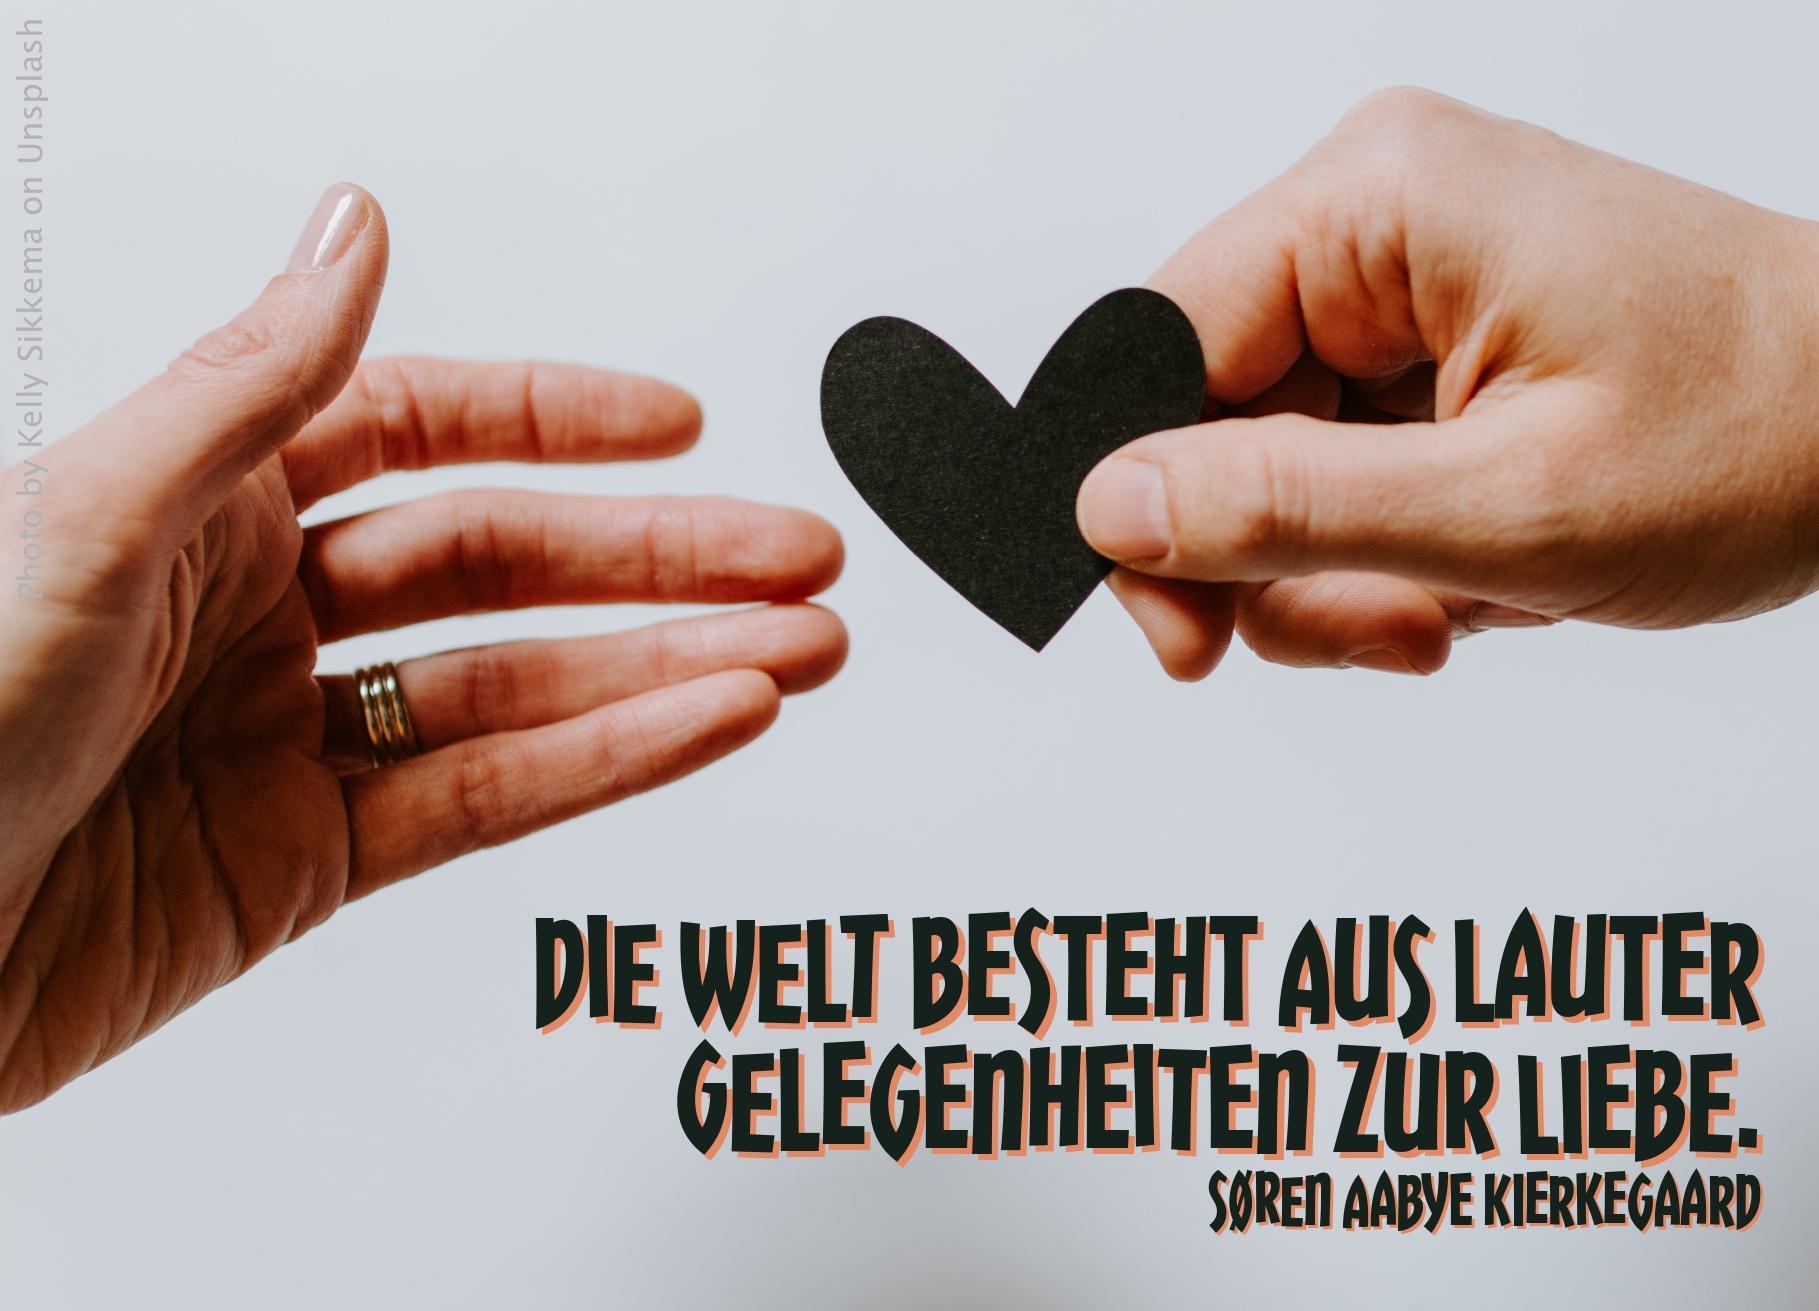 Männerhand überreicht ein schwarzes stilisiertes Herz einer Frauenhand